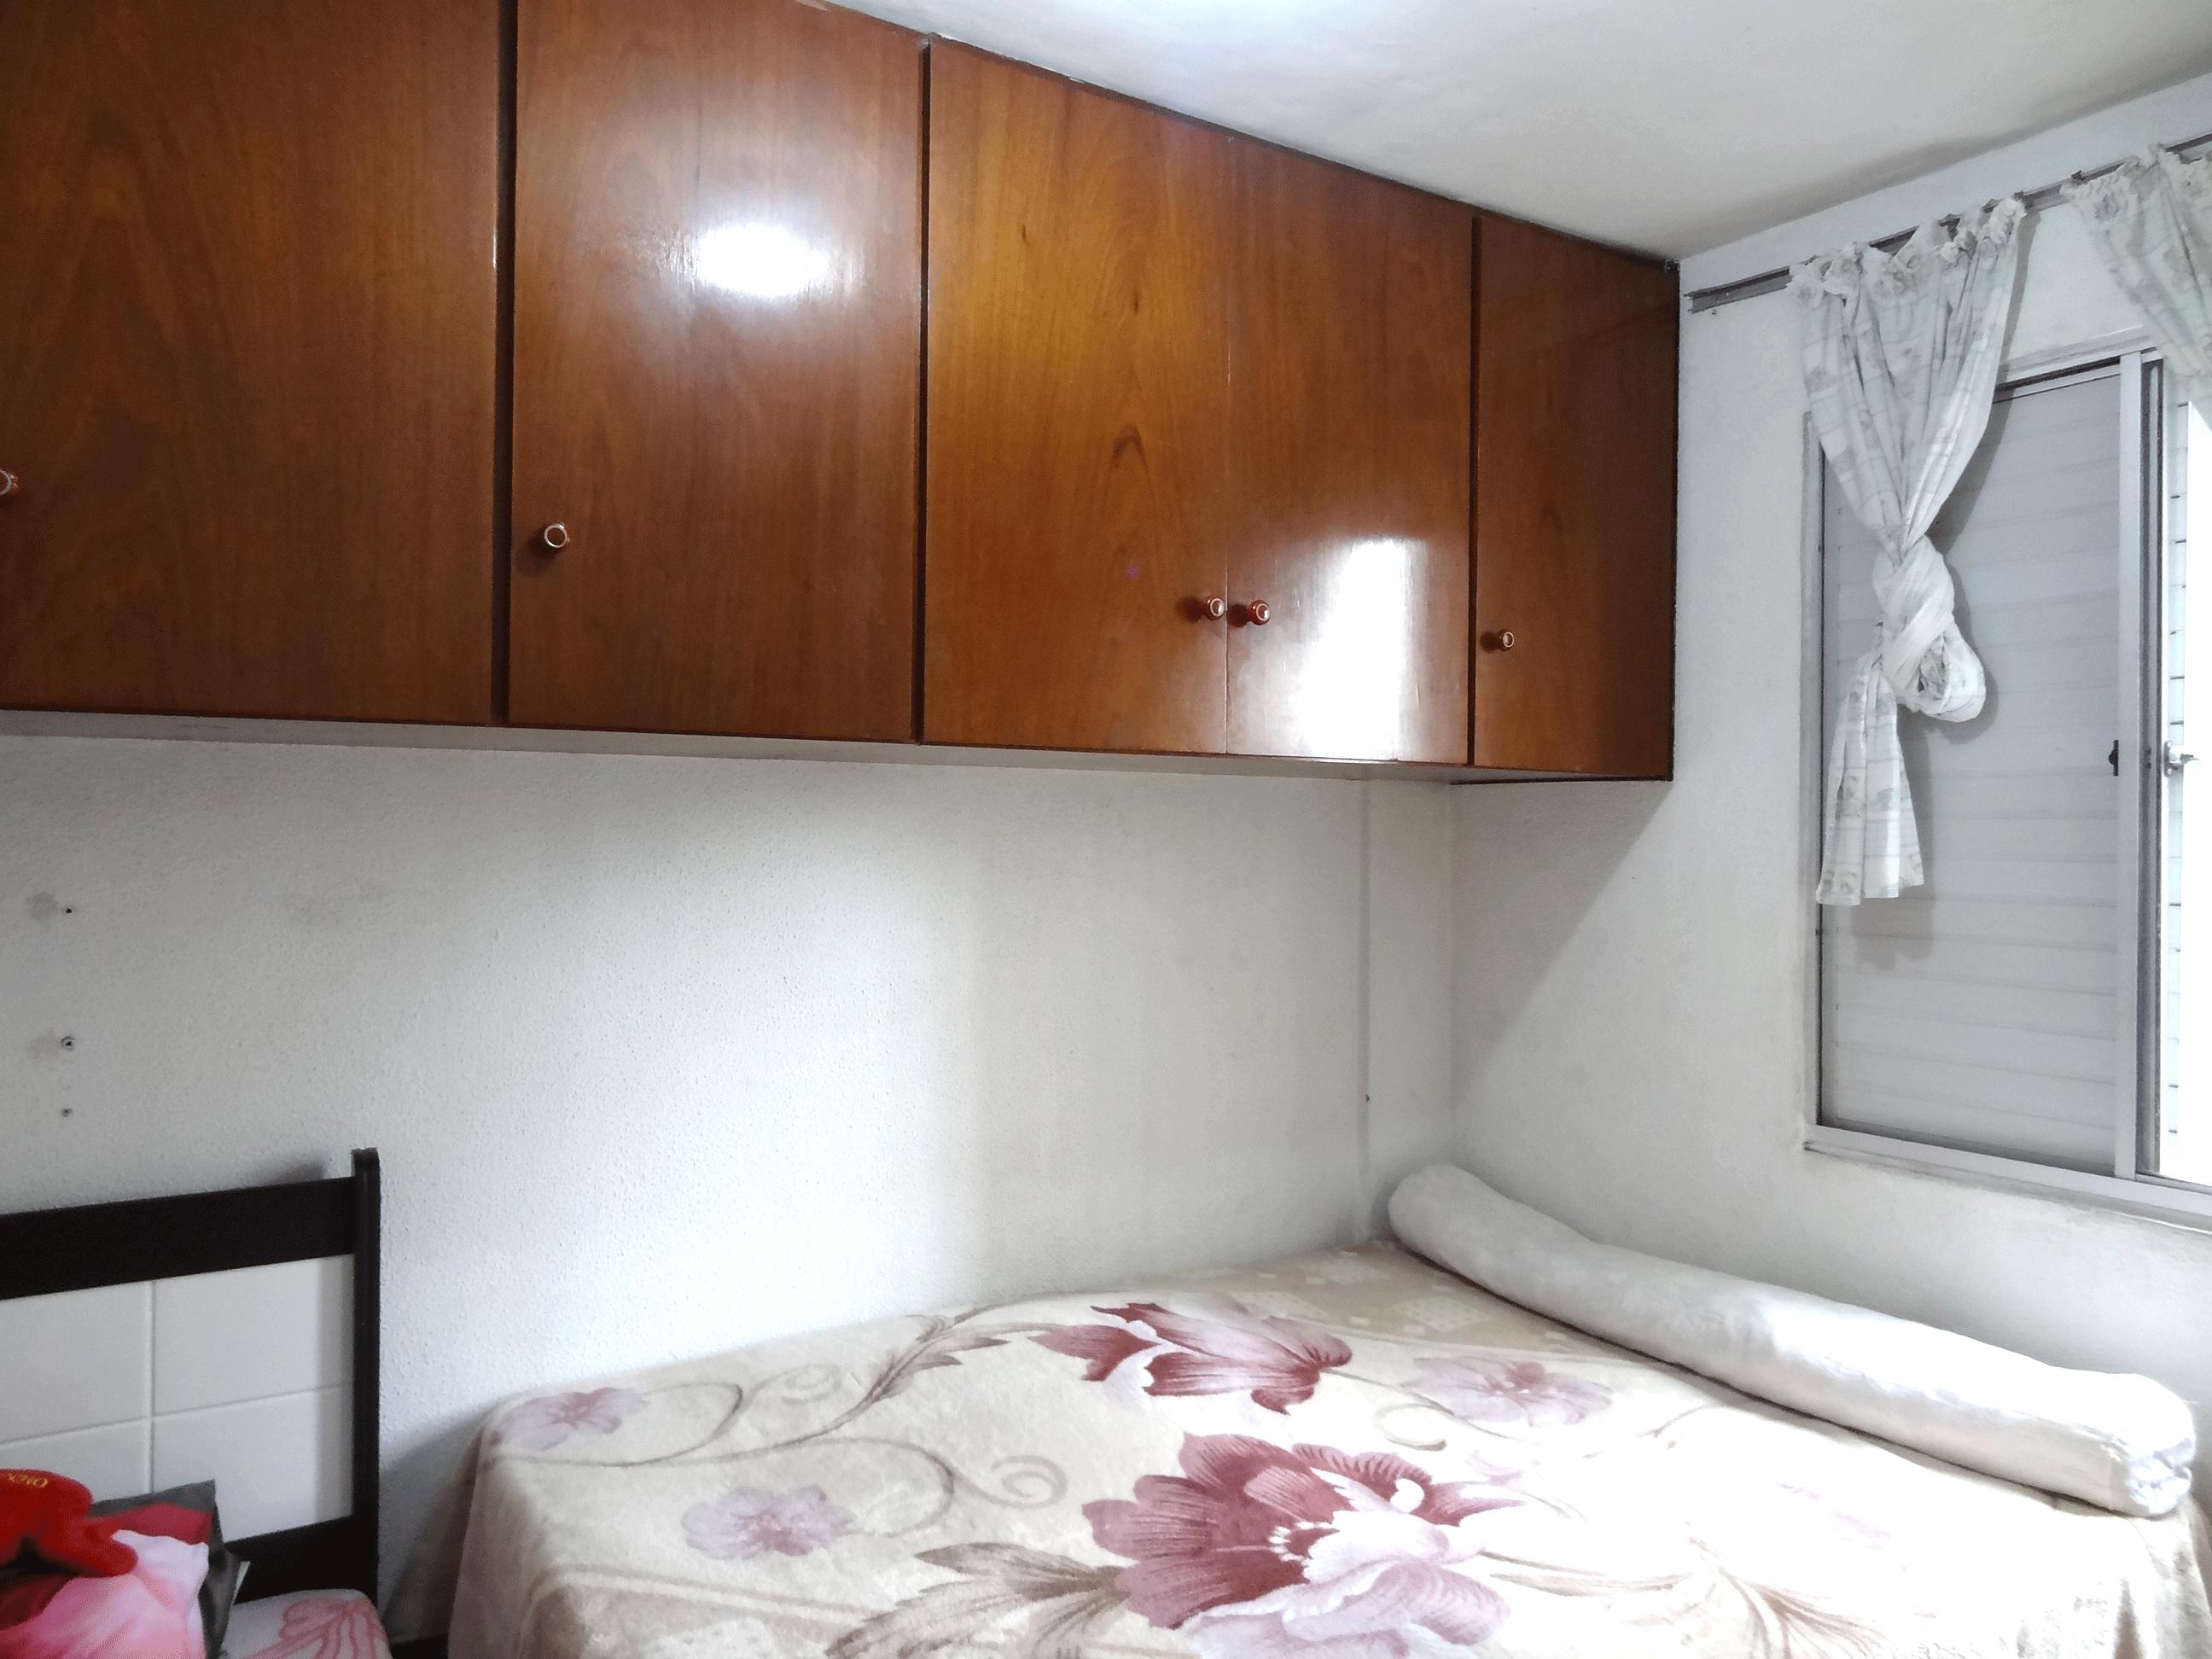 Apartamento 2 Dormit Rios Na Rua Augusta Santel Sacom Seiko  ~ Piso Paviflex Para Cozinha